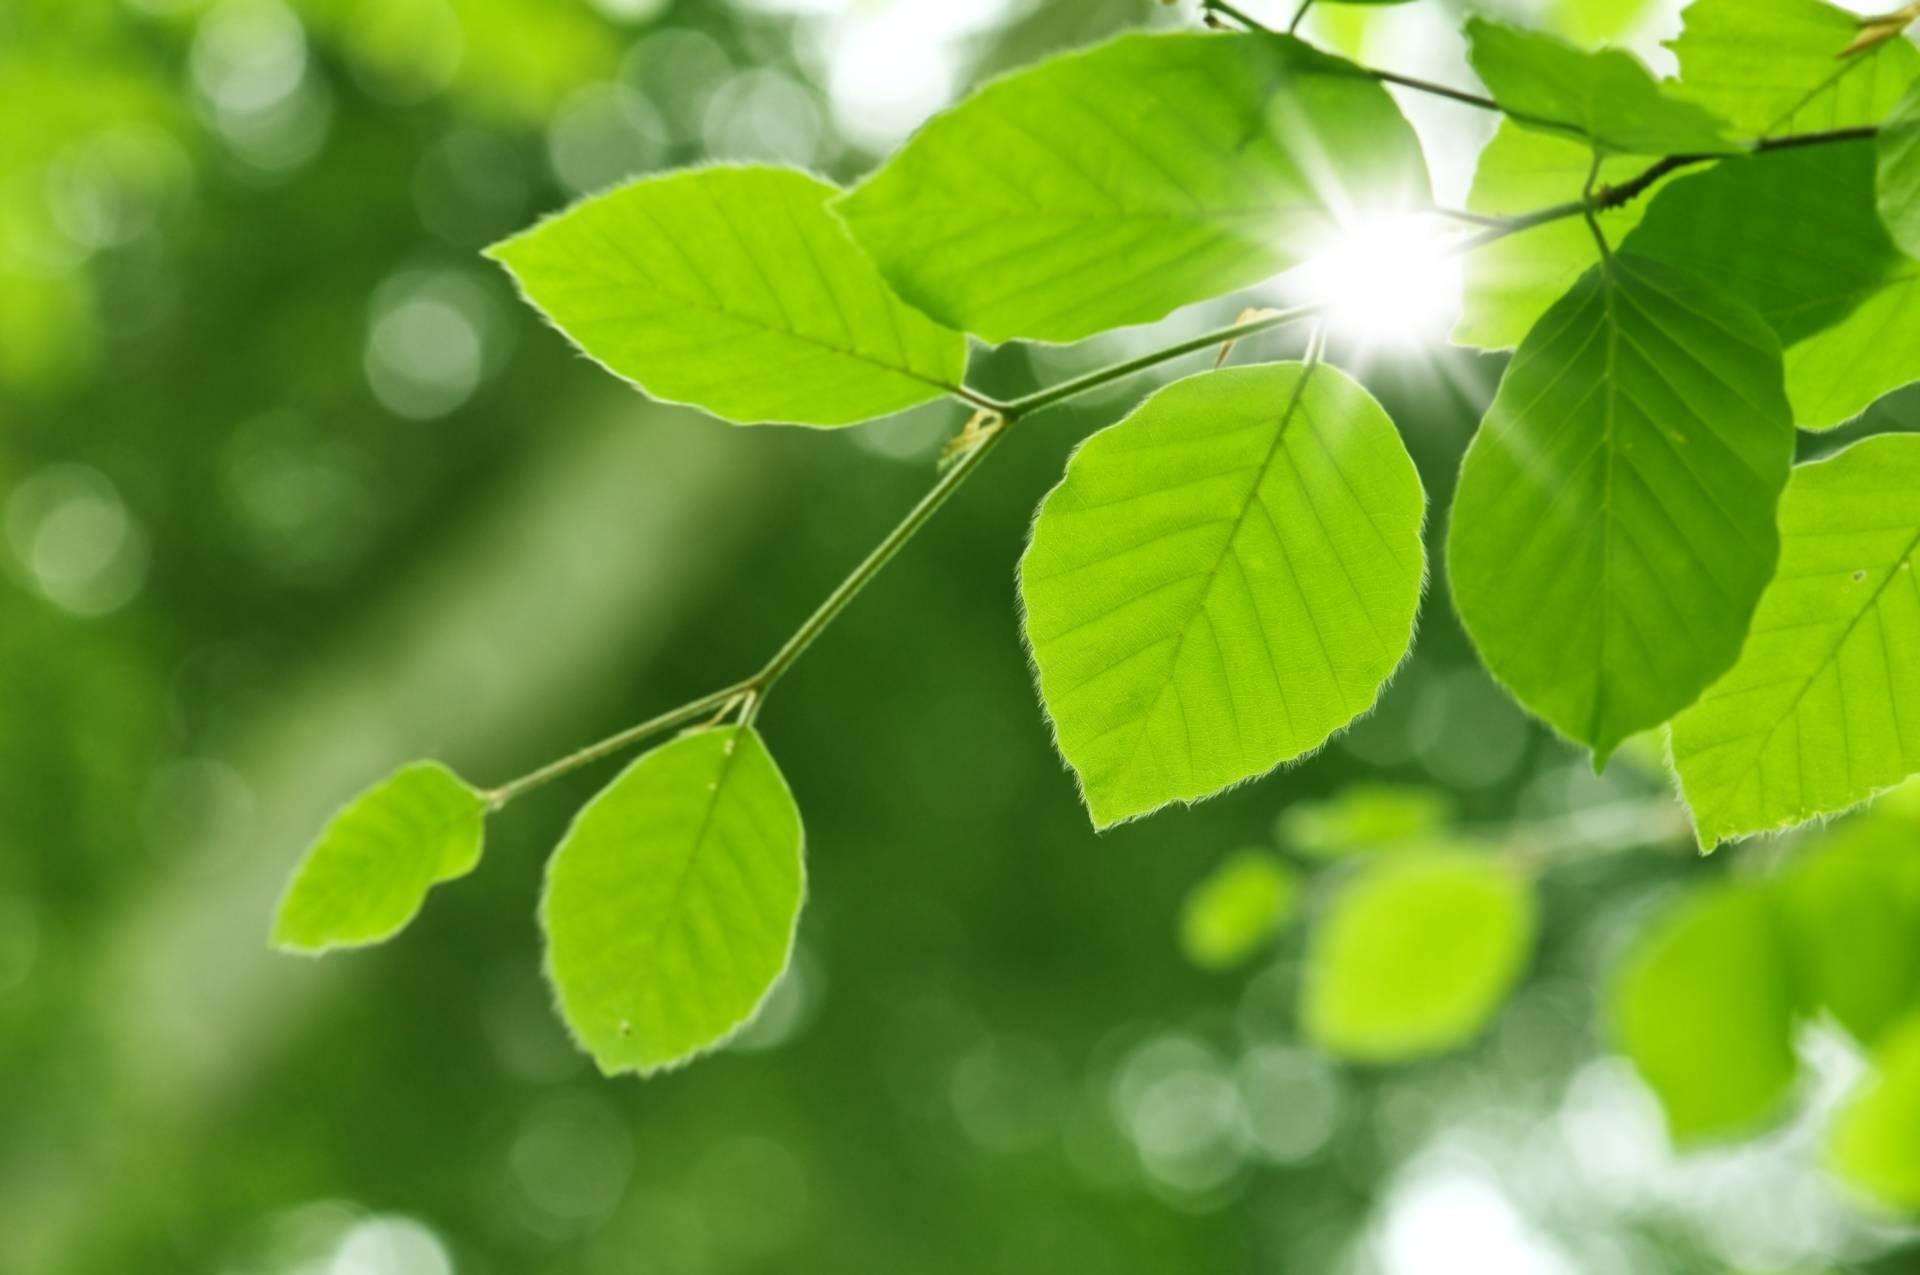 Liście buku podświetlone przez promienie słońca. Co można zjeść w lesie?